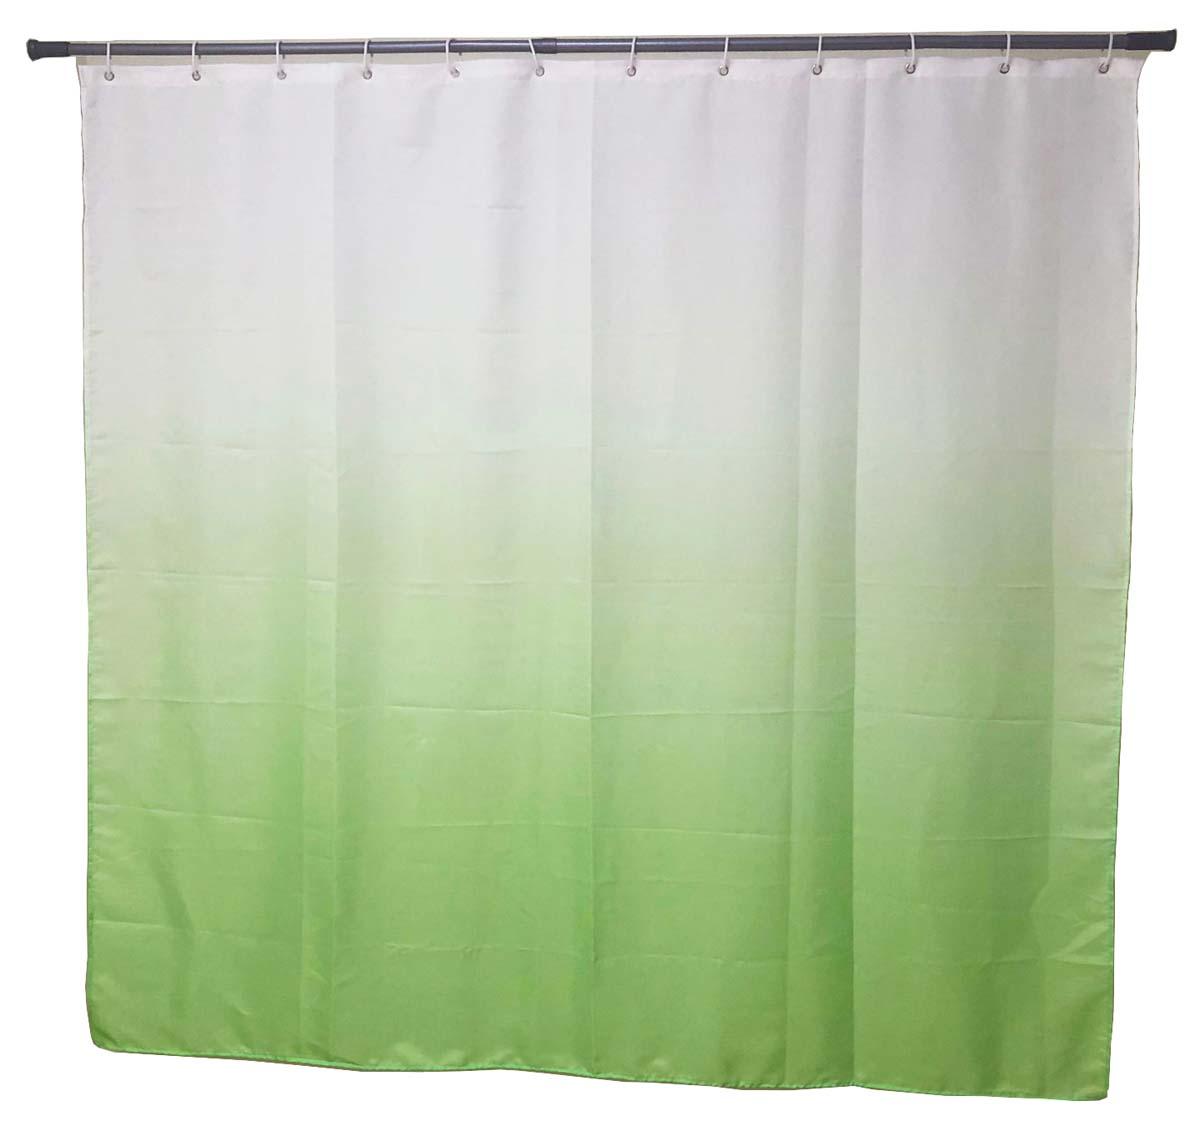 Штора для ванной Swensa Gradient, цвет: зеленый, 180 х 180 смSWC-70-32Штора для ванной комнаты серии Gradient выполнена из полиэстера по инновационной технологии перехода цвета от светлого к более темному. Прекрасно сочетается с настольными аксессуарами серии Gradient, что позволяет оформить Вашу ванную комнату в одном стилистическом решении.